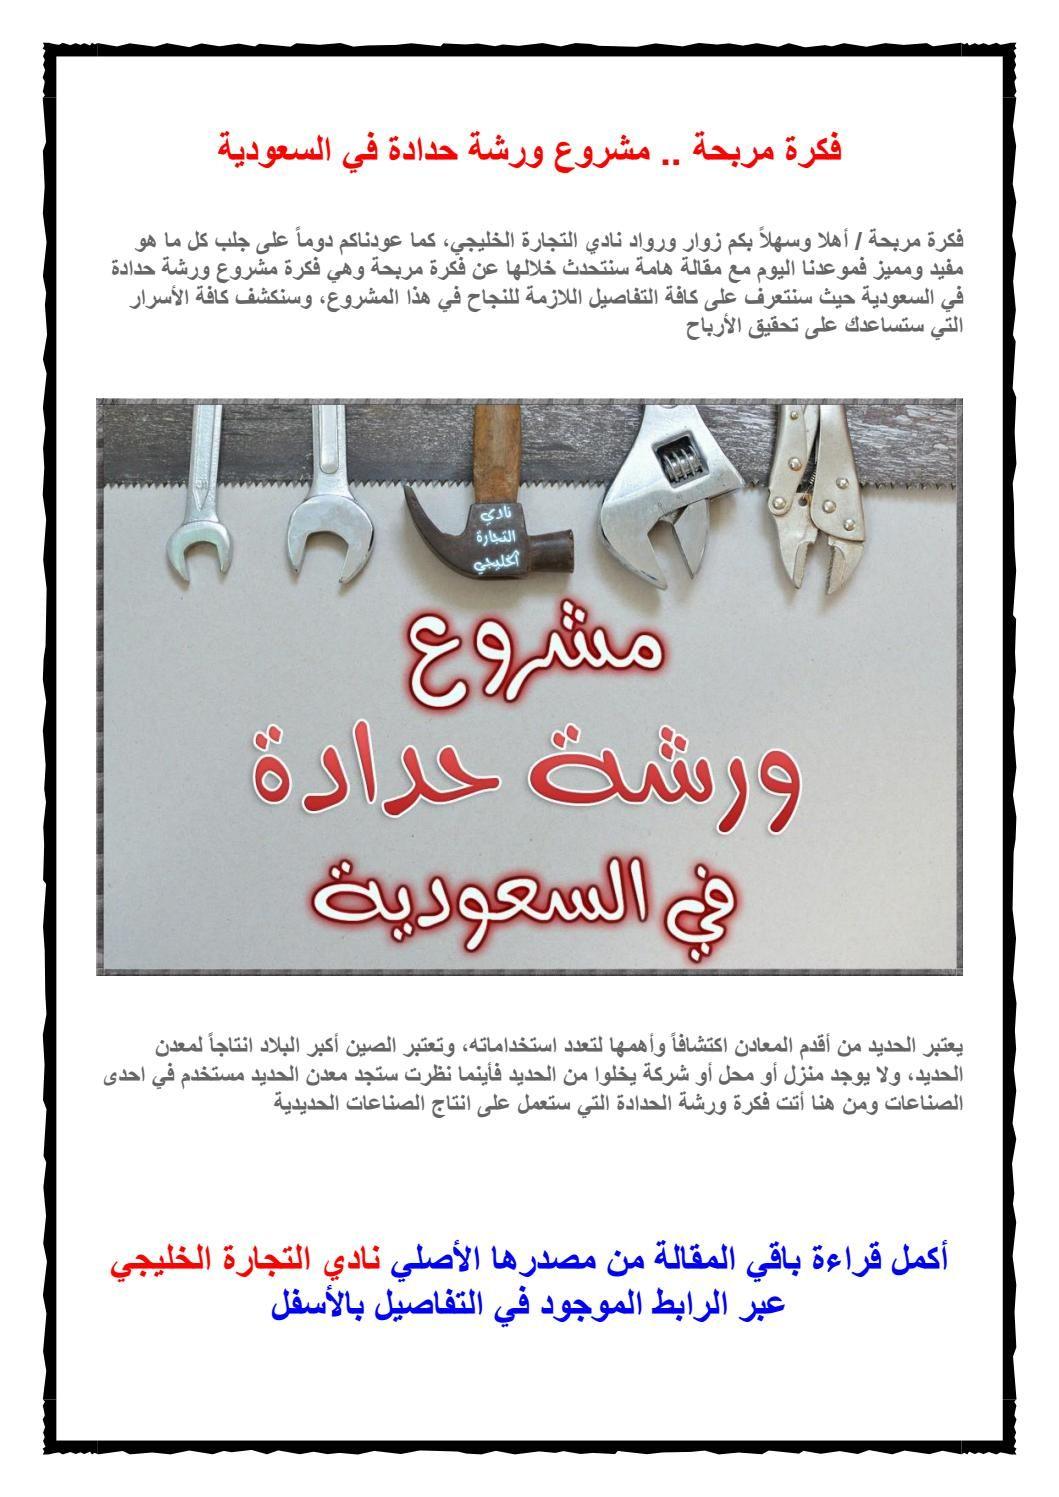 فكرة مربحة مشروع ورشة حدادة في السعودية Homemade Tools Novelty Sign Homemade